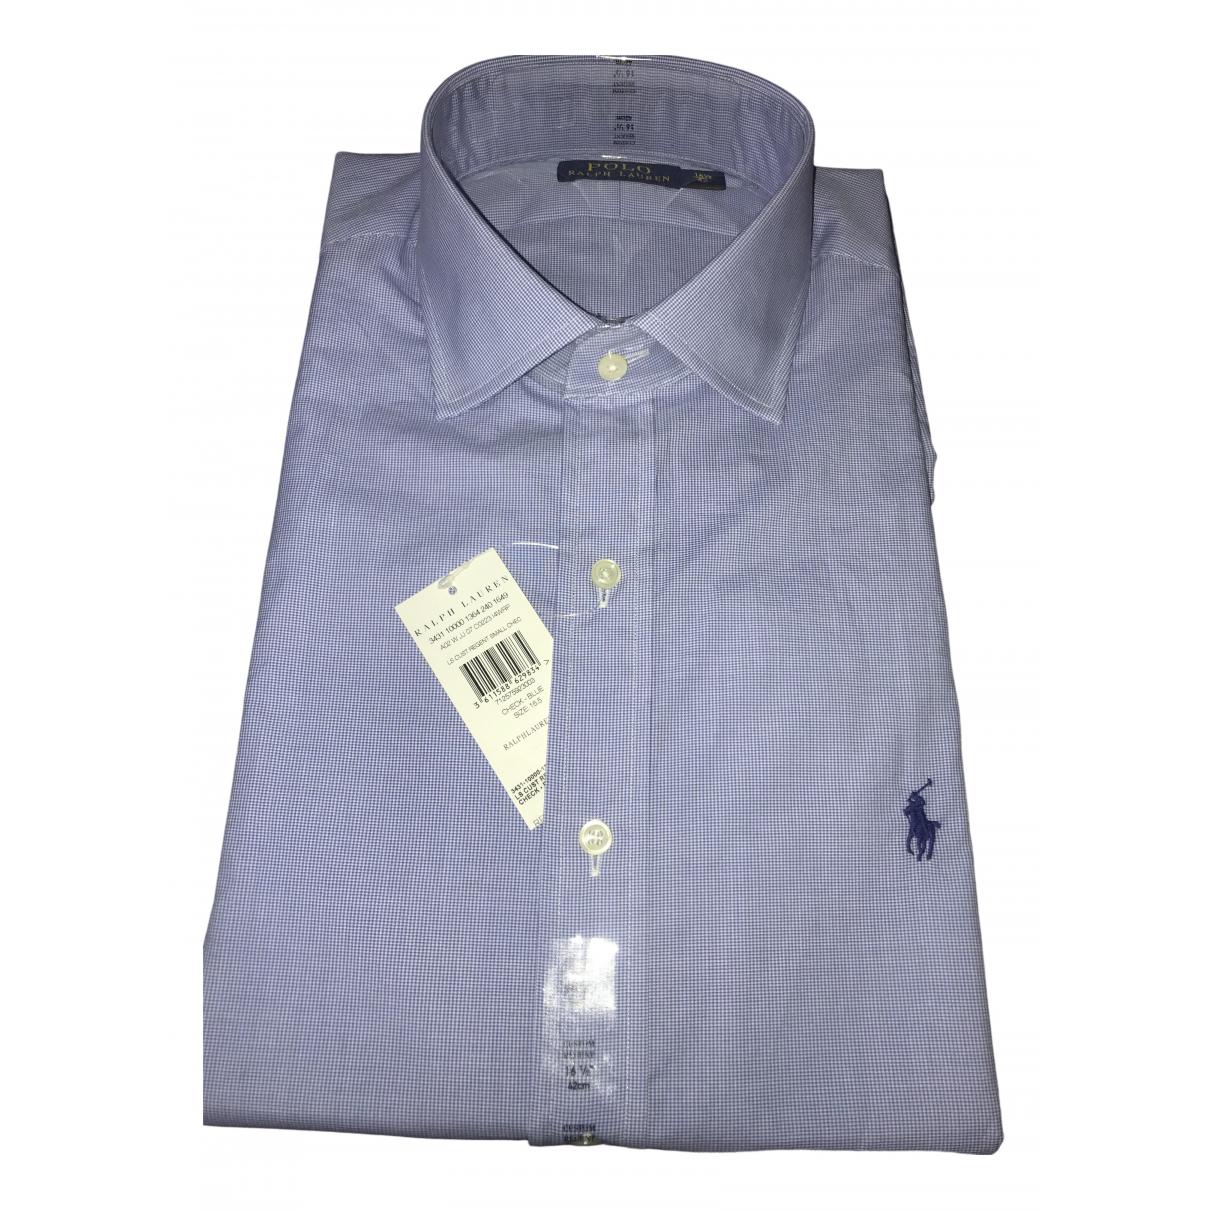 Polo Ralph Lauren \N Blue Cotton Shirts for Men 16.5 UK - US (tour de cou / collar)